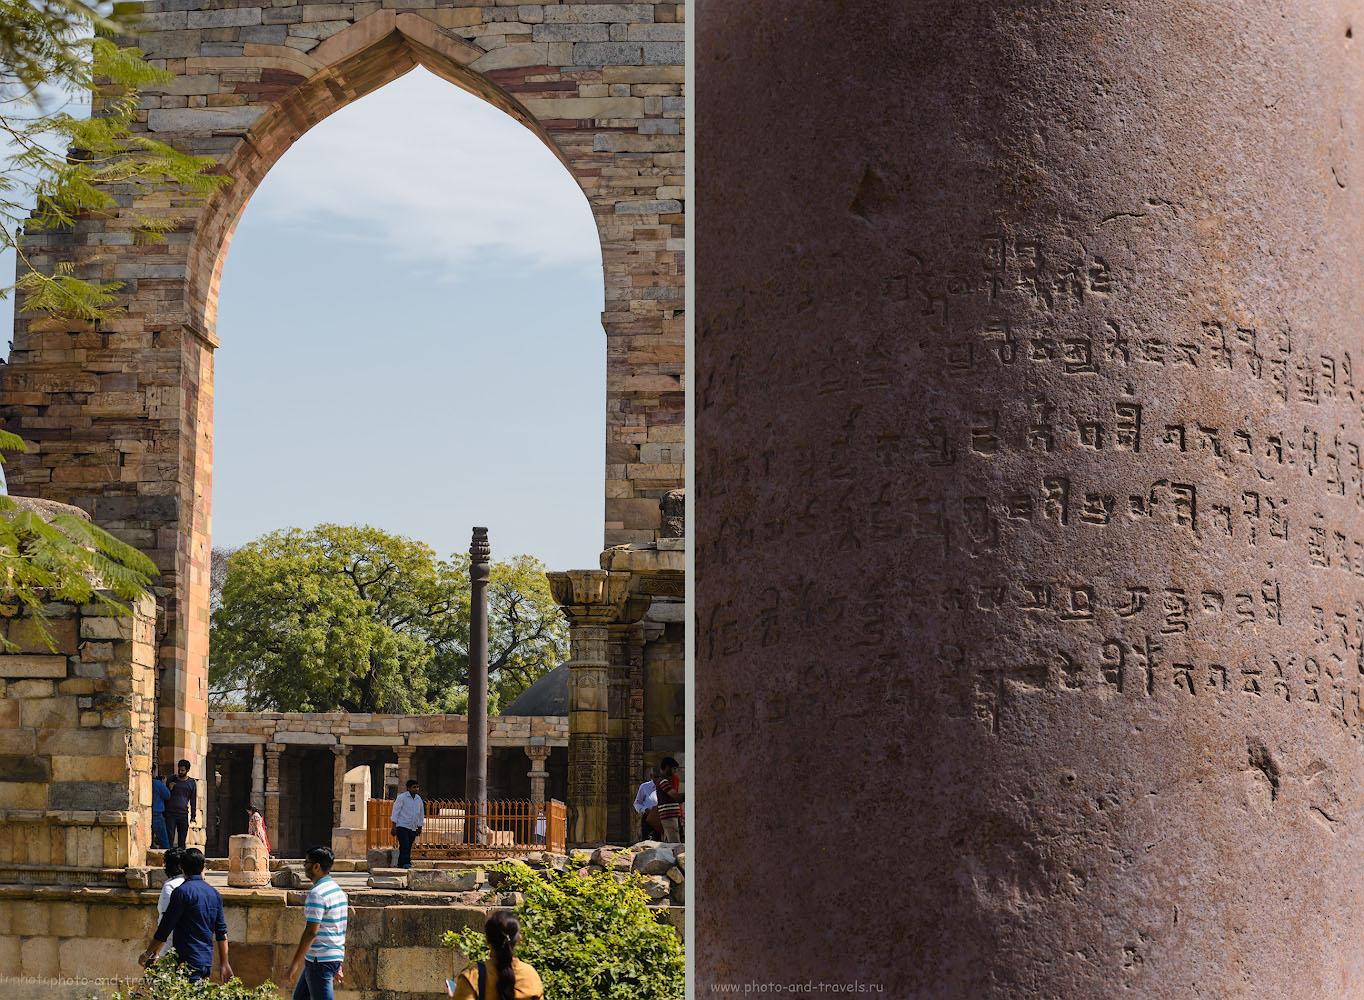 Фотография 17. Железная колонна в Дели. Отзыв об экскурсии в Кутб-Минар самостоятельно.